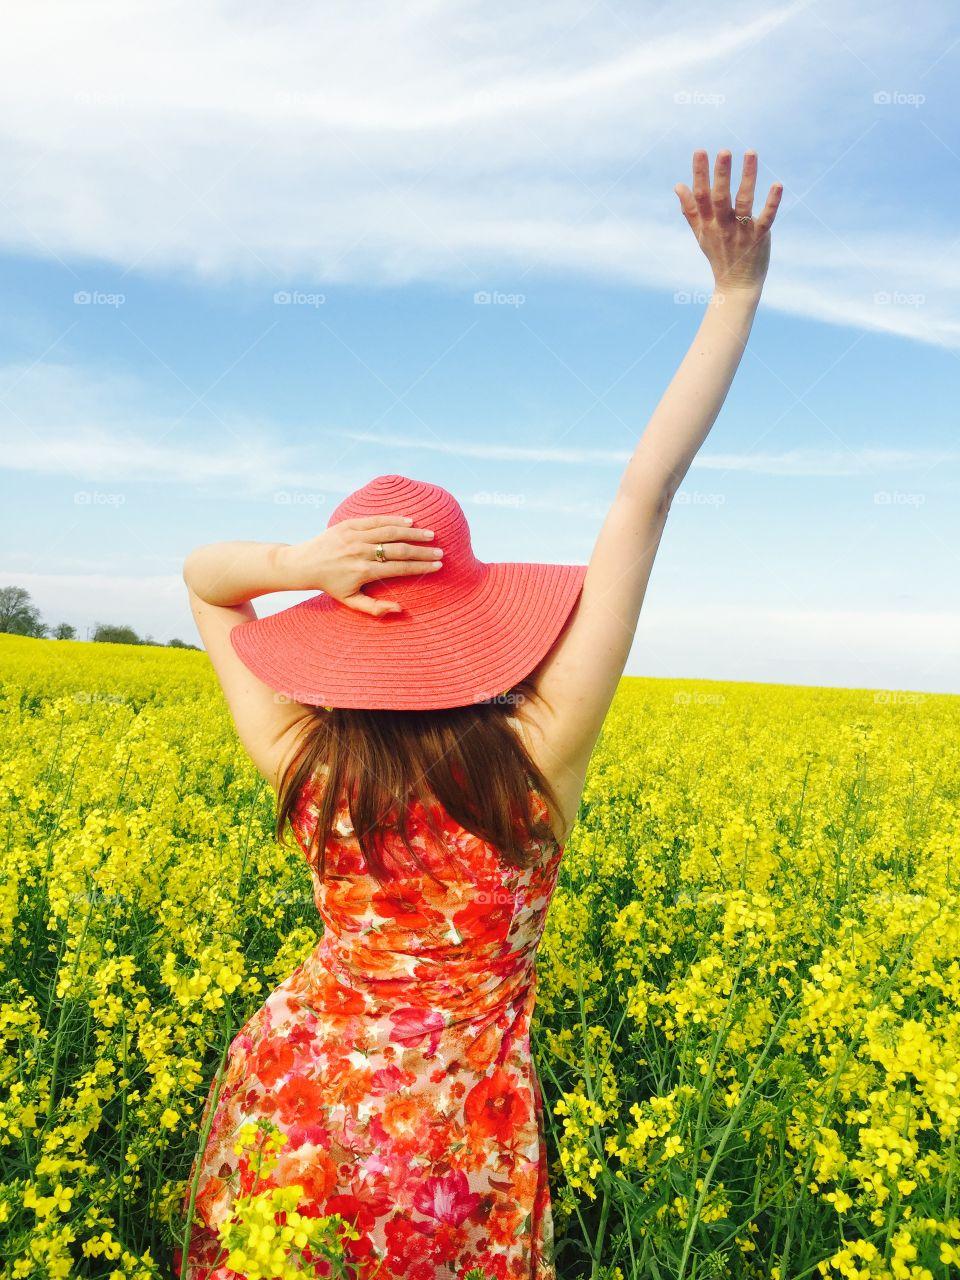 Rear view of girl standing in flower field